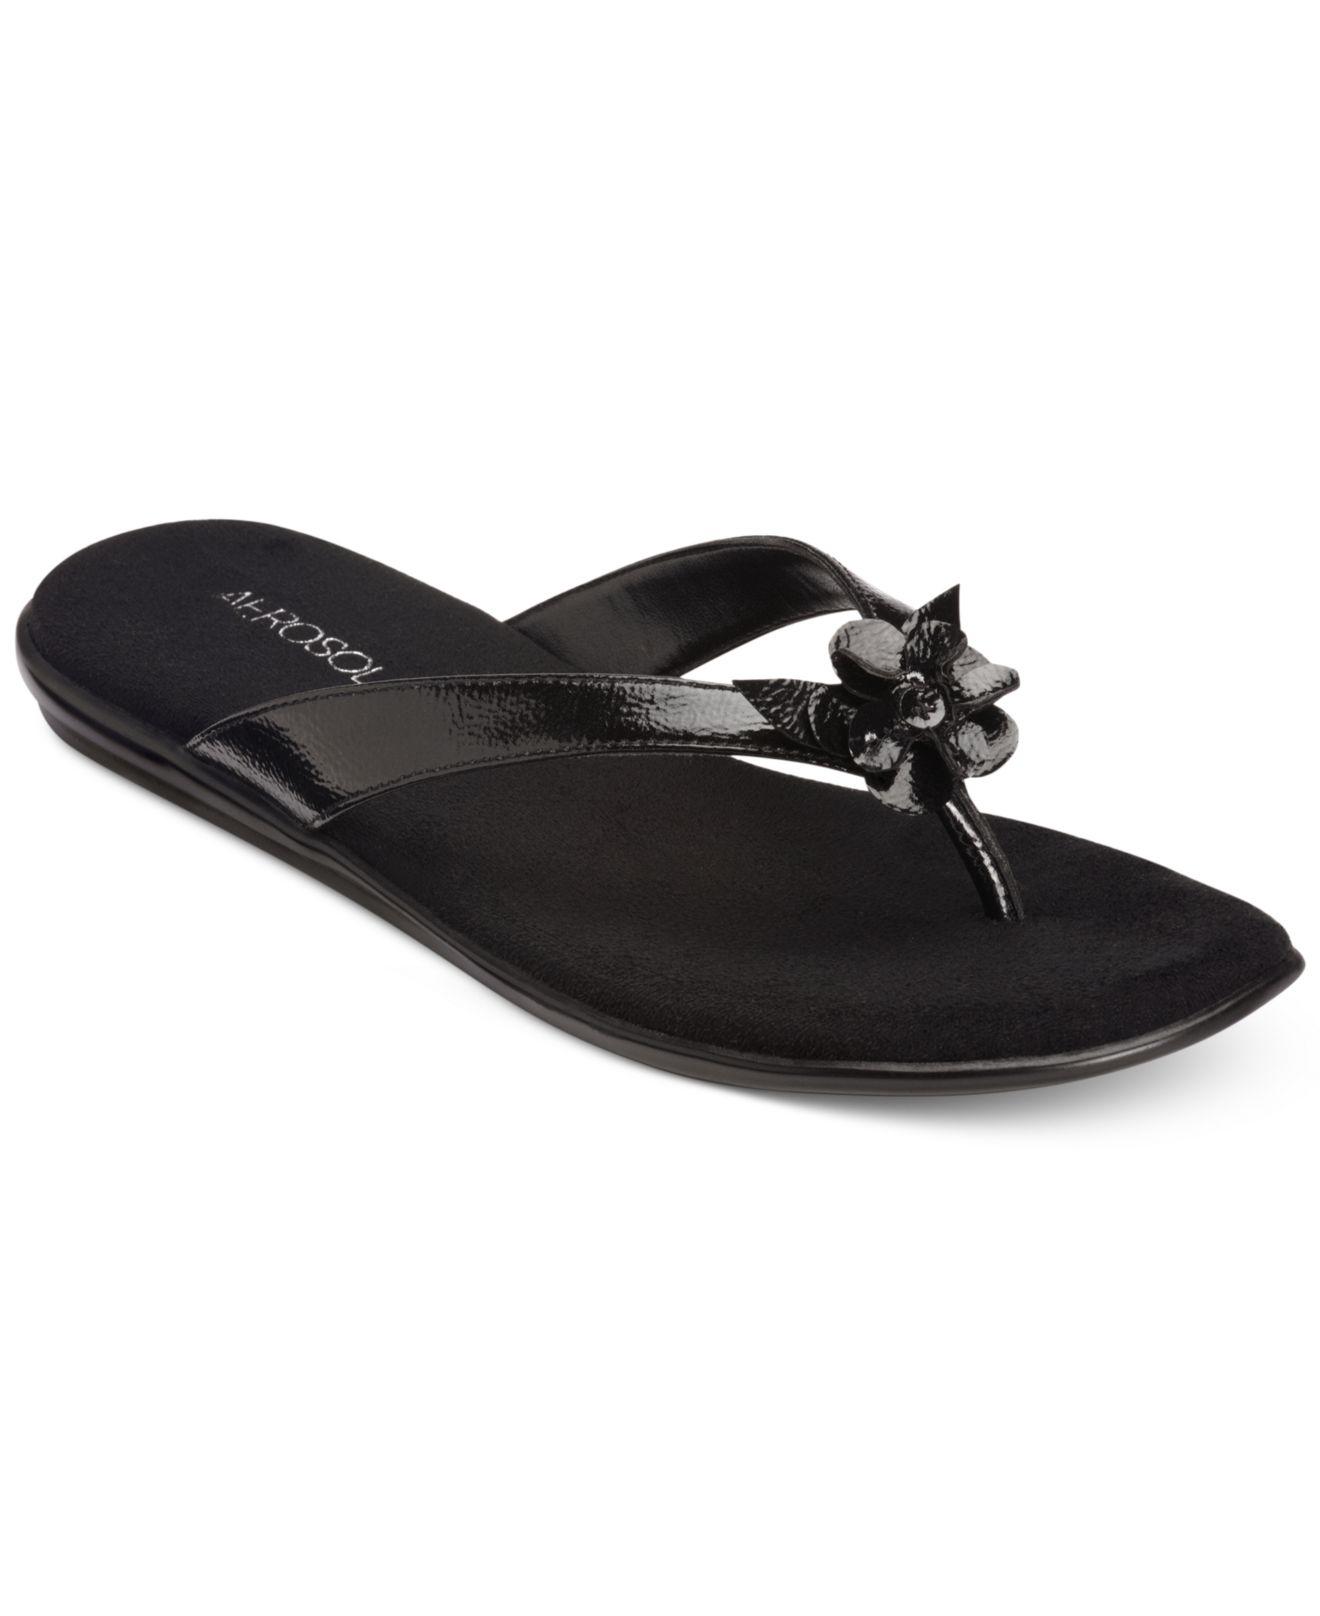 24e18a7e0e2 Lyst - Aerosoles Branchlet Flip Flop Sandals in Black